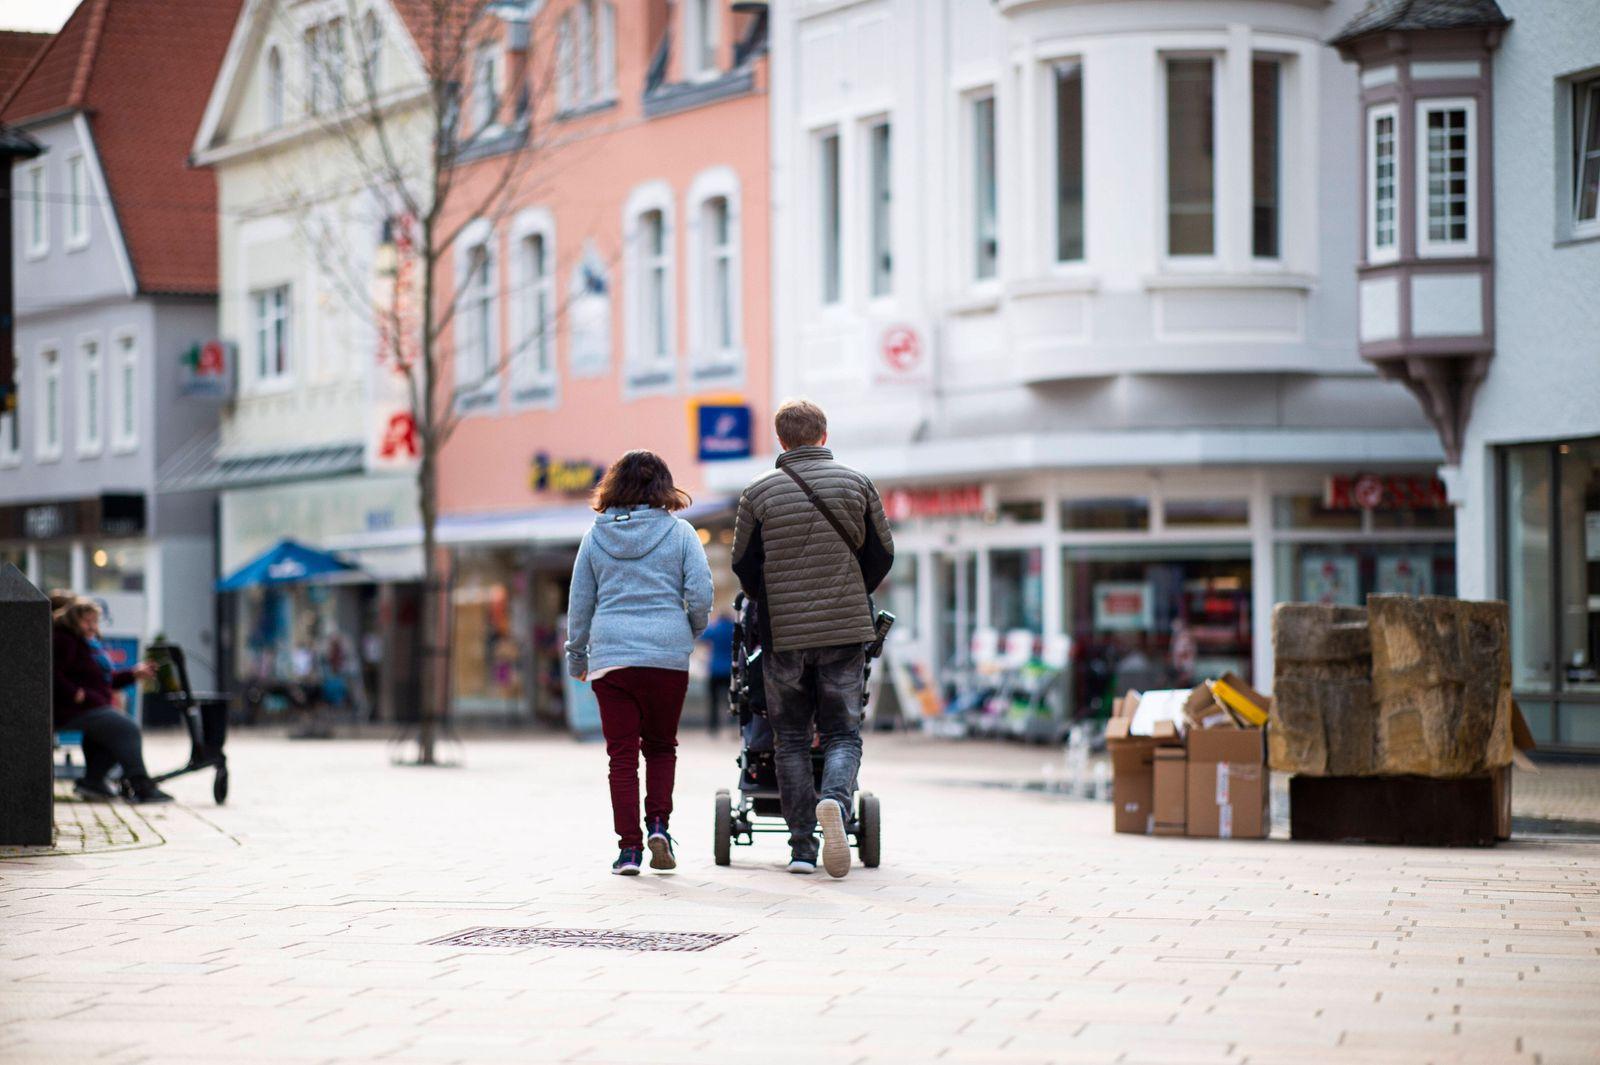 Coronavirus - Innenstadt in Lübbecke Menschen gehen durch die Fußgängerzone der Stadt Lübbecke. Foto: Kirchner-Media/Wed